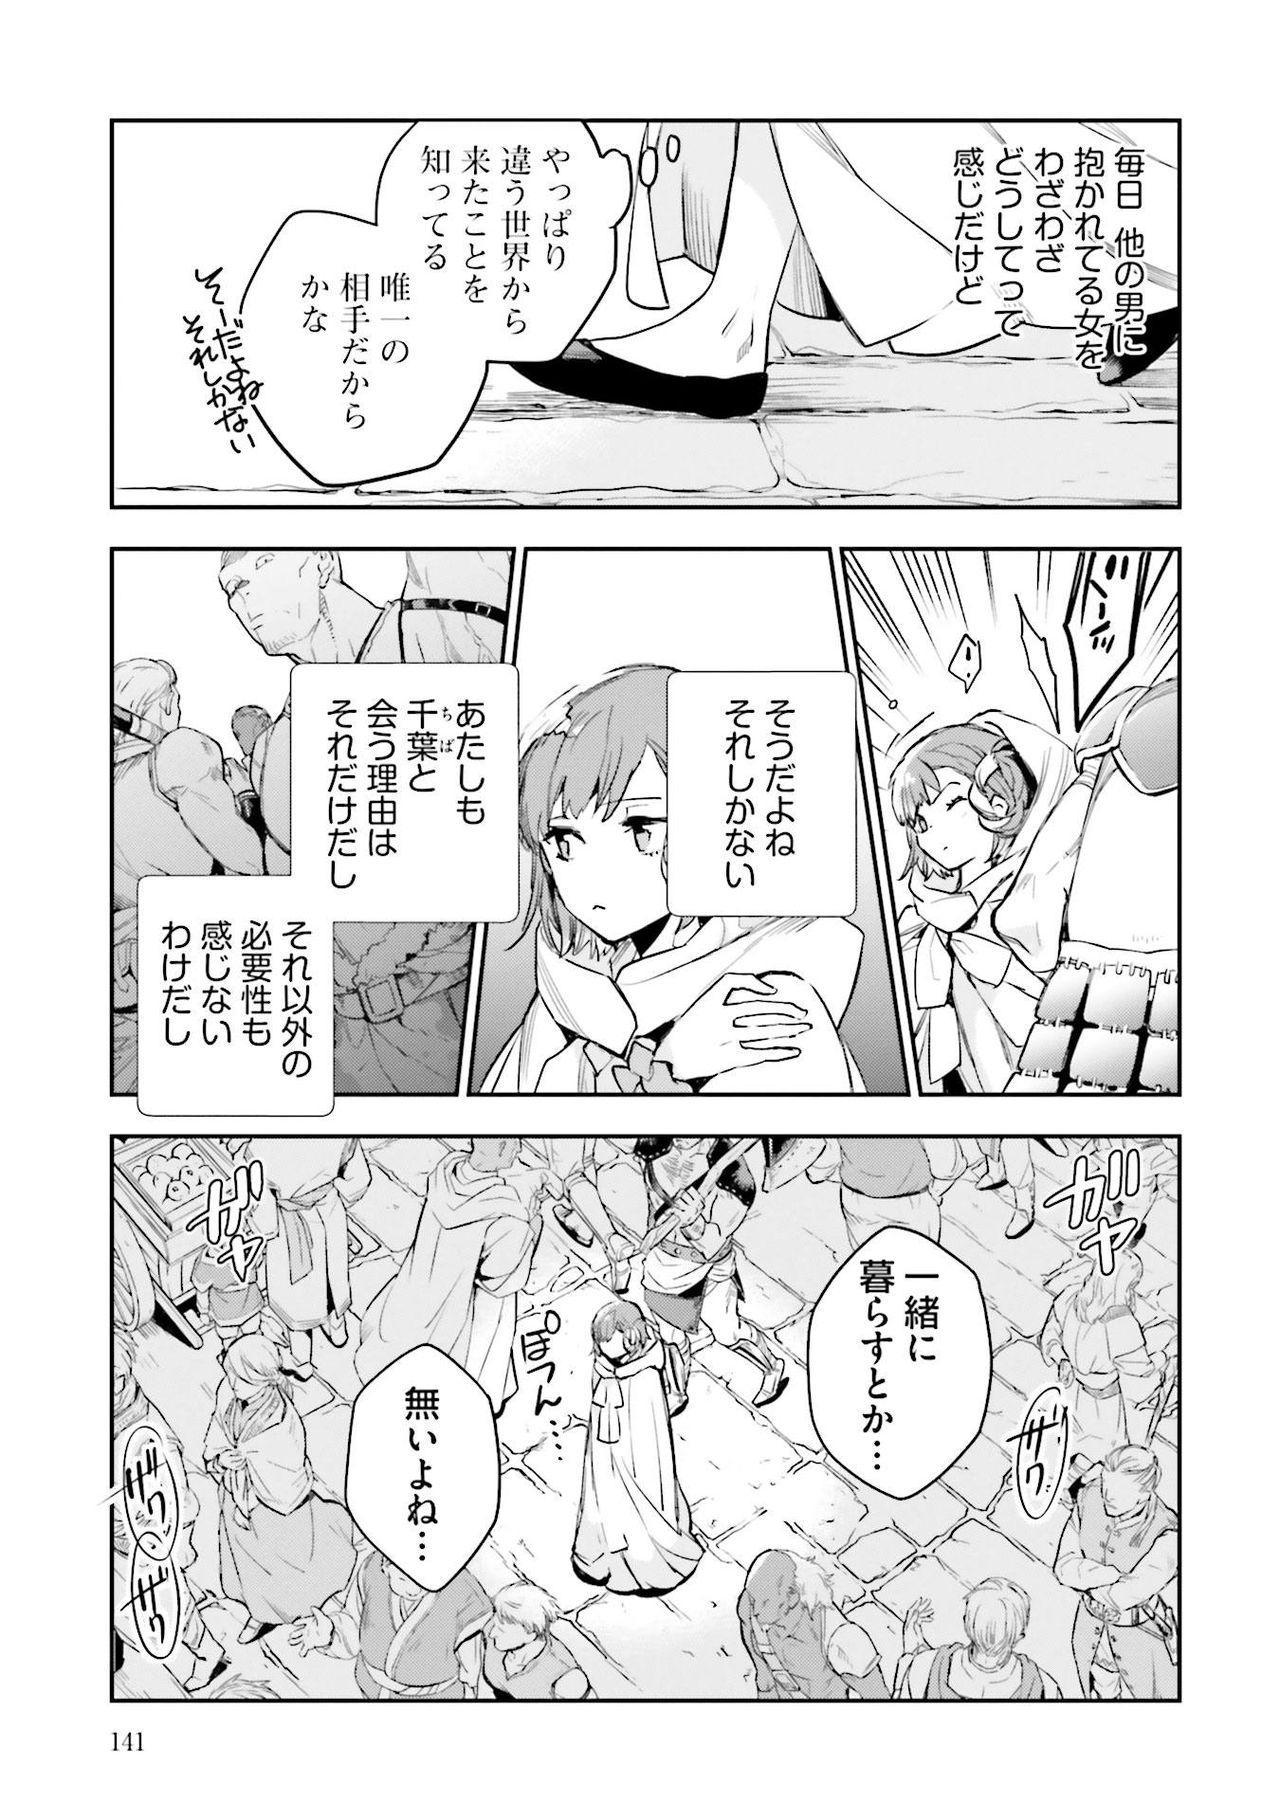 JK Haru wa Isekai de Shoufu ni Natta 1-14 329